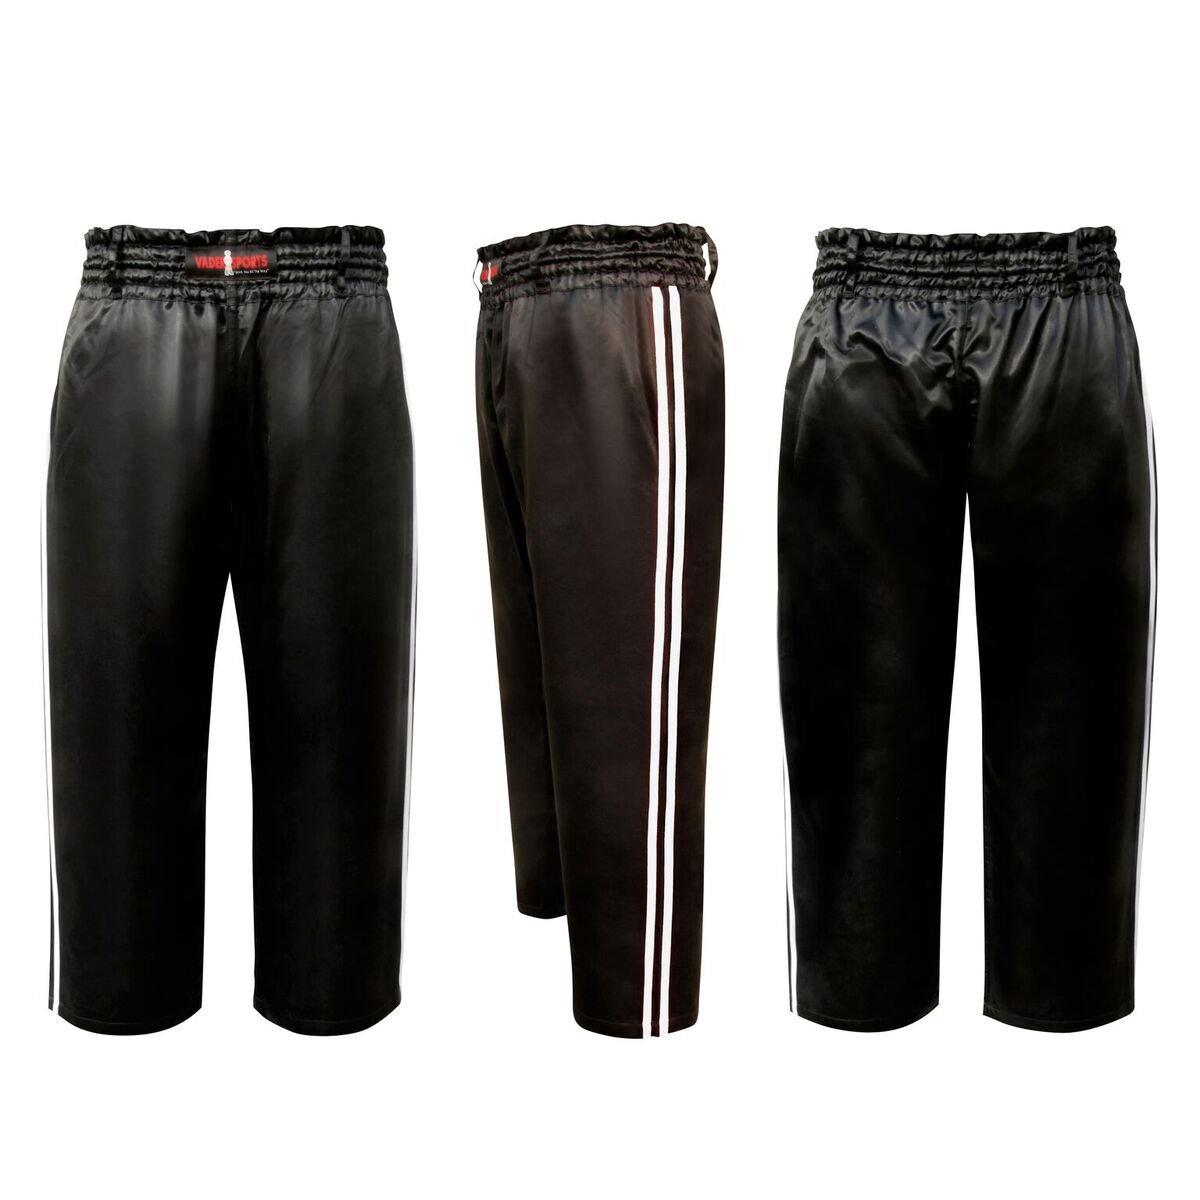 Vader Sports Pantalones de Deporte Kickboxing Negros con Dos ...